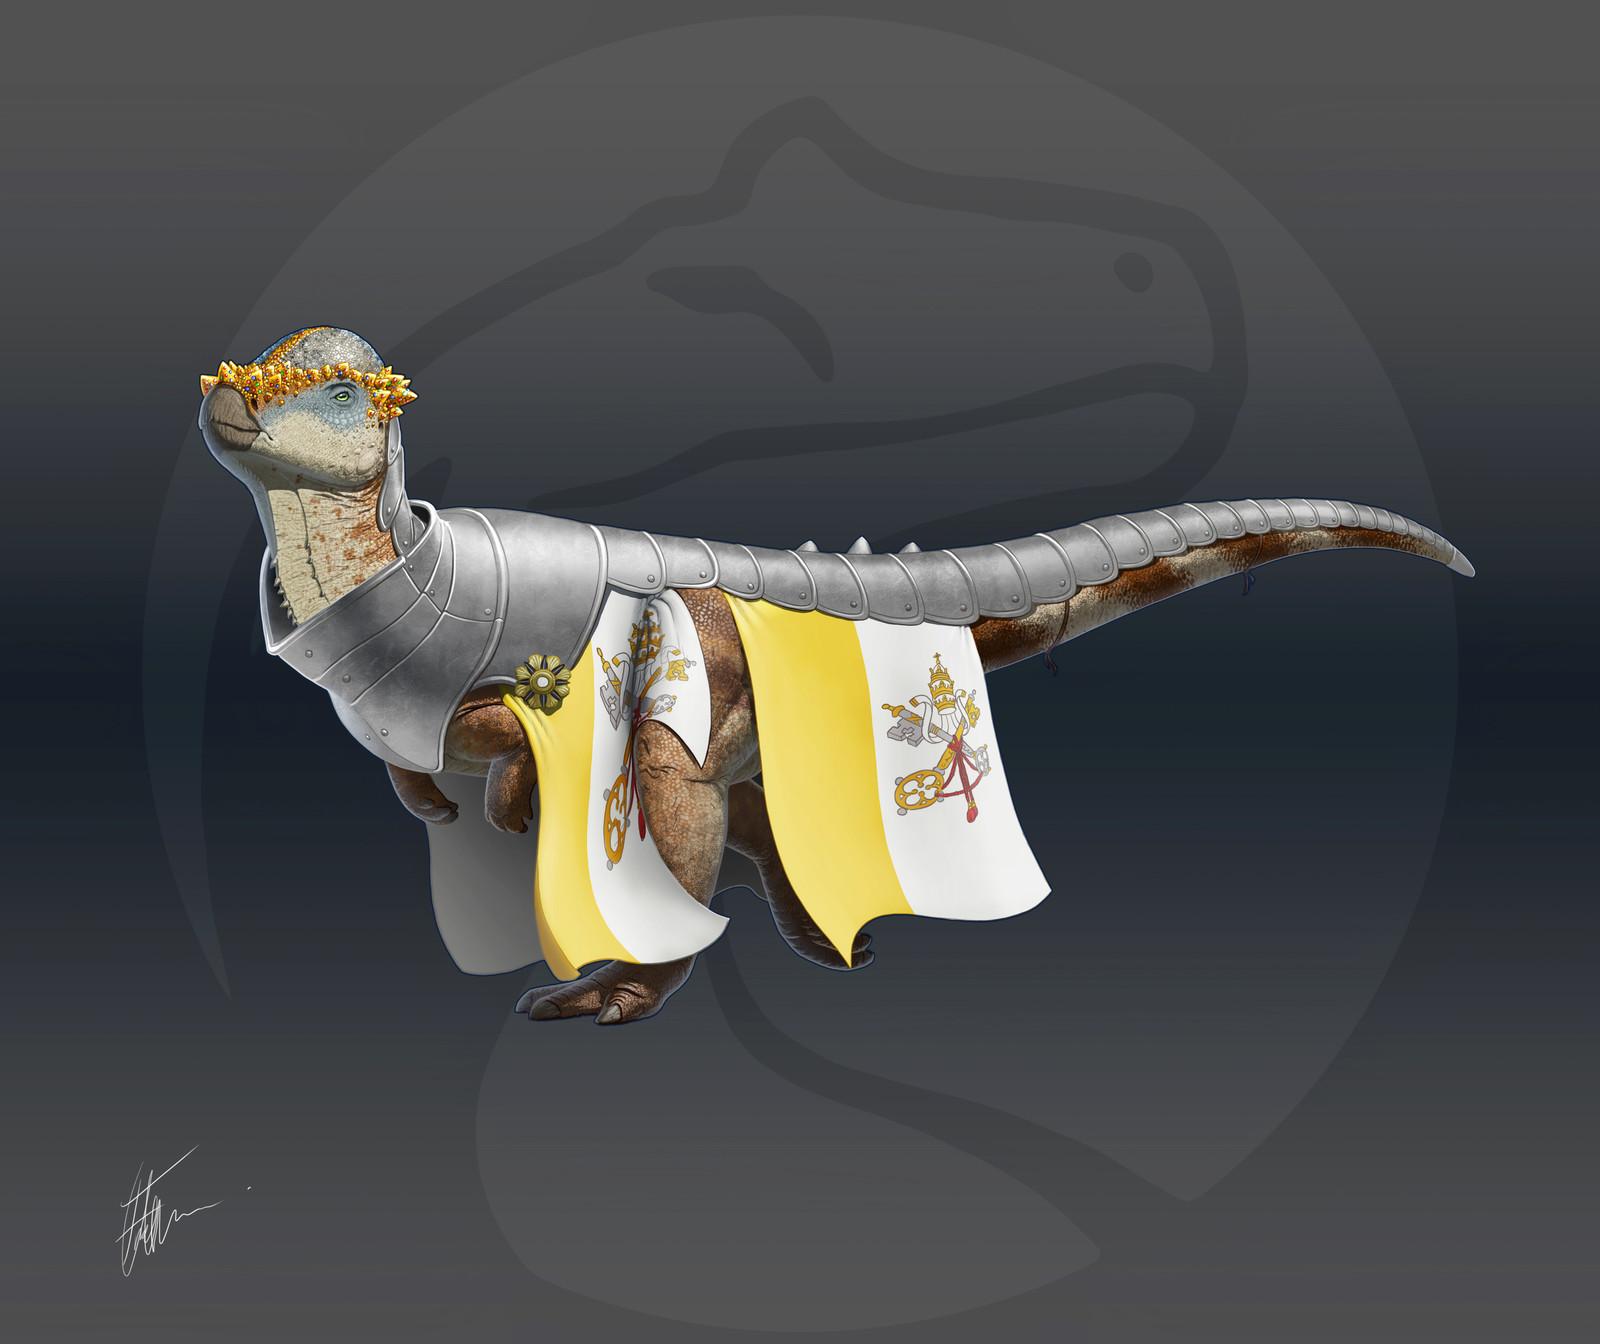 Armored Pachycephalosaurus